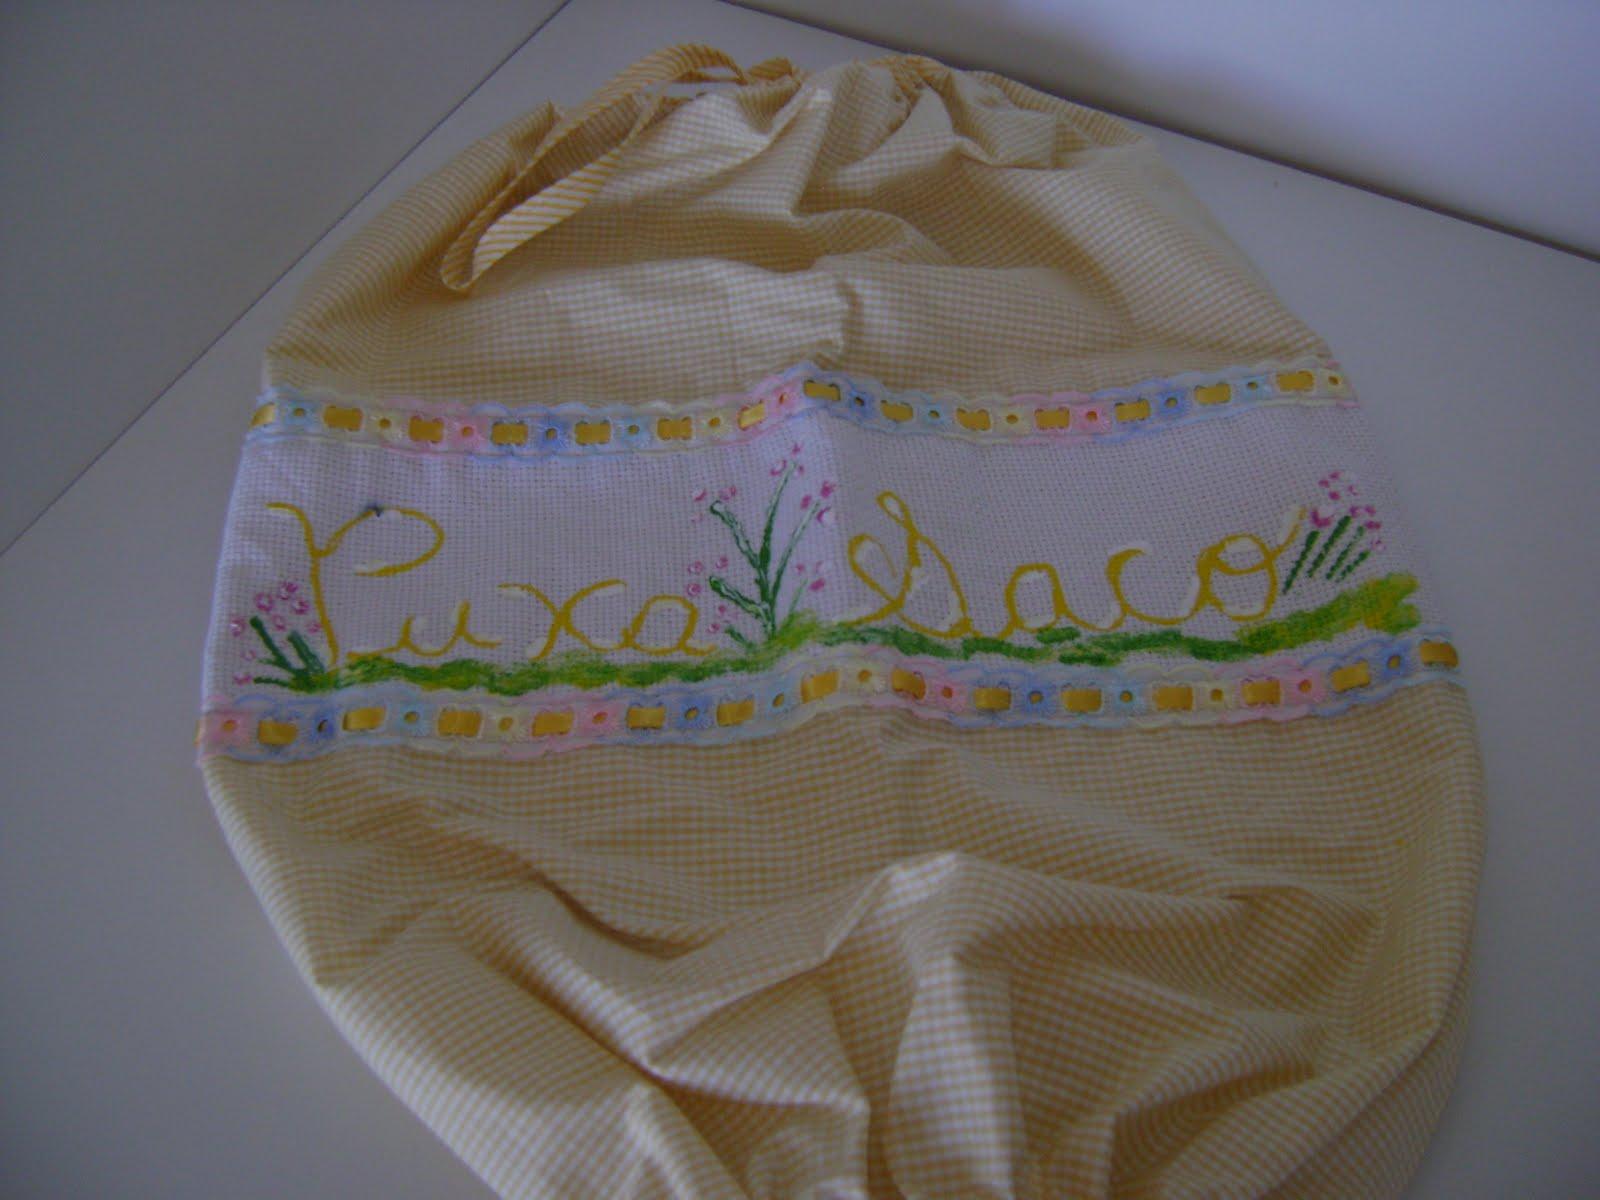 http://2.bp.blogspot.com/_UG3IfqLXa68/TULIZRW4uhI/AAAAAAAAAp0/pzpiKZCkfu4/s1600/artesanatos%2B1%2B012.jpg